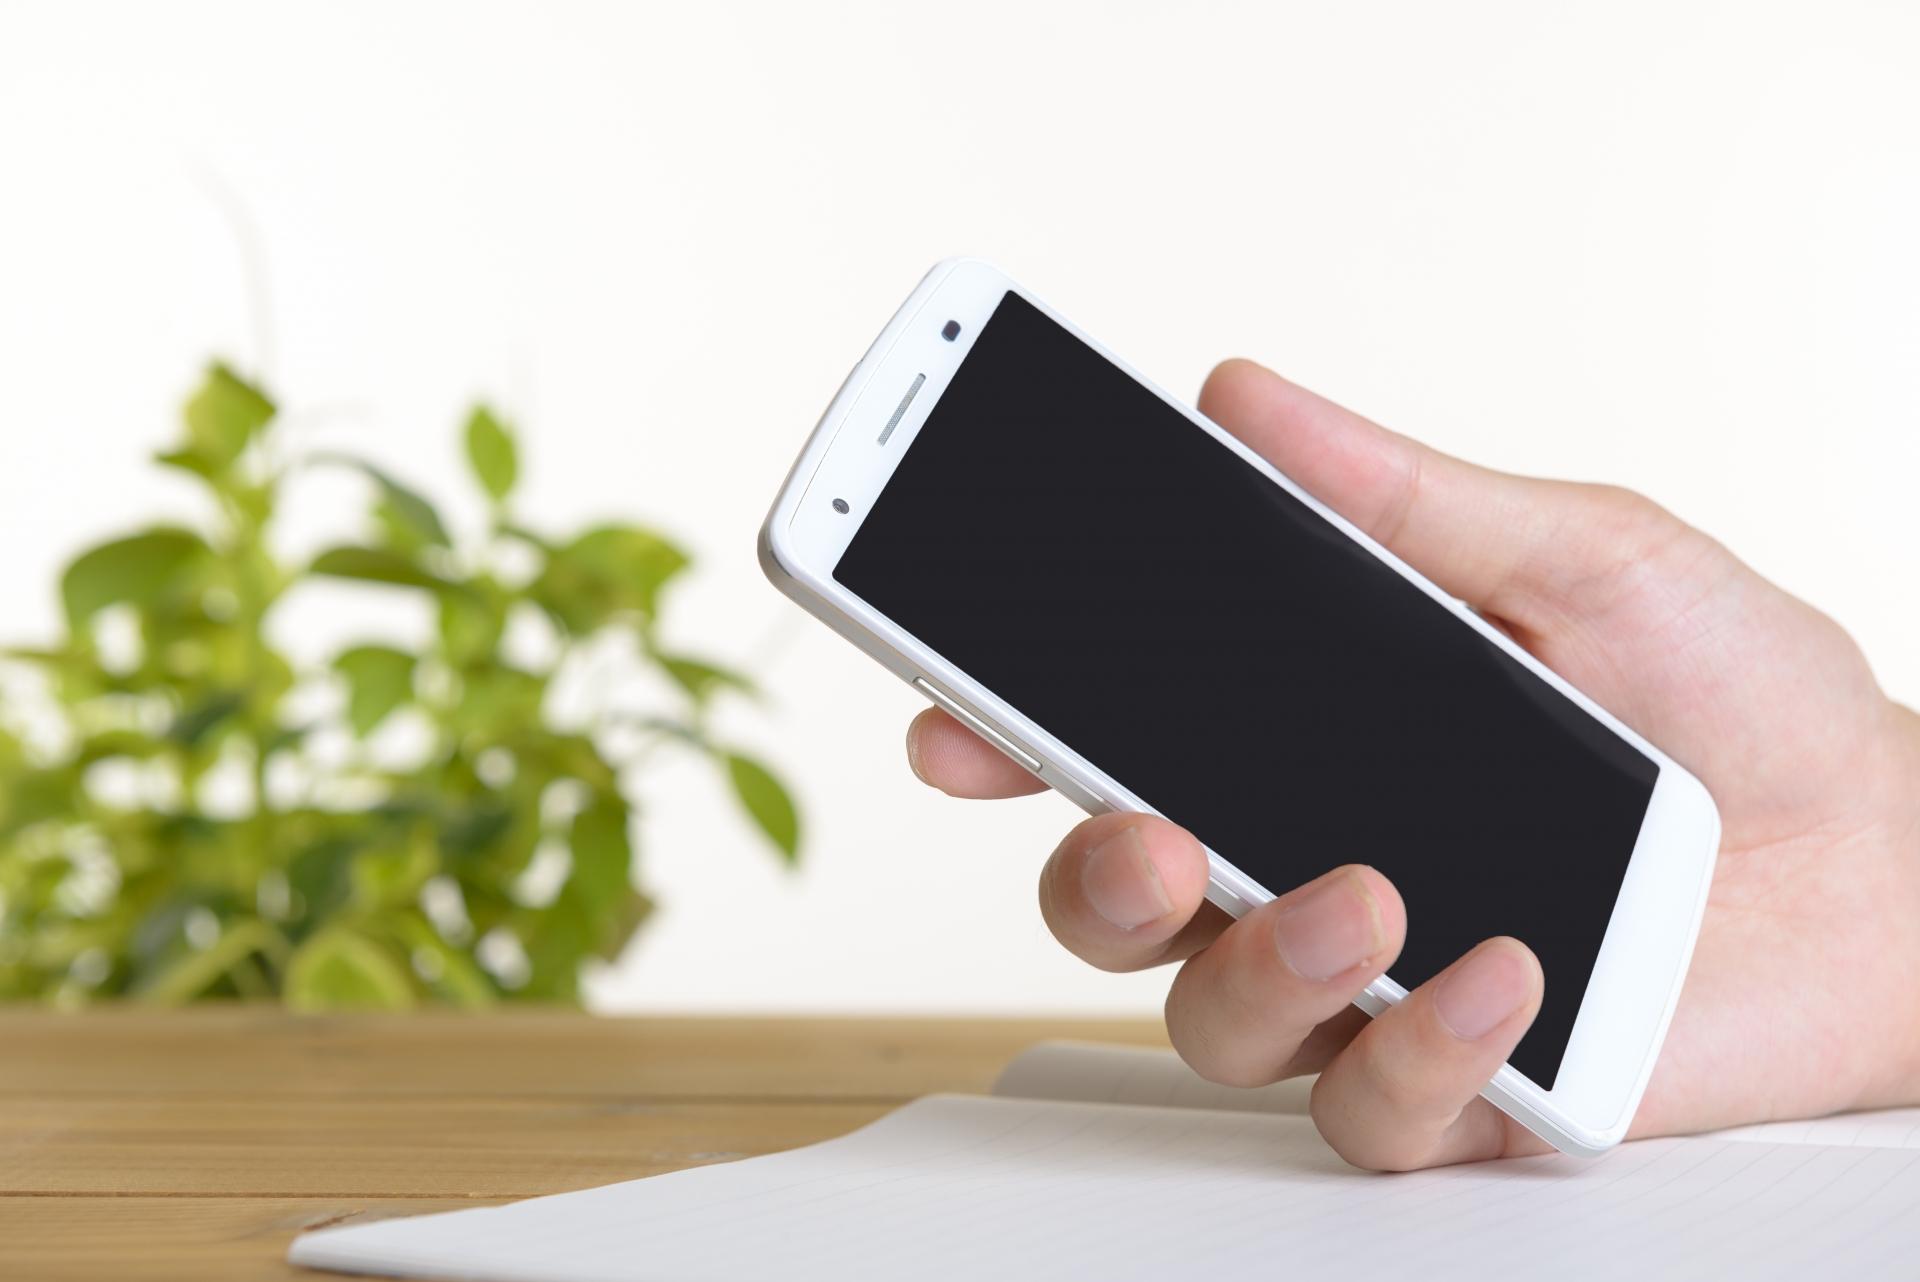 携帯ショップの正社員のきつい仕事内容とは?離職率の高い裏事情。